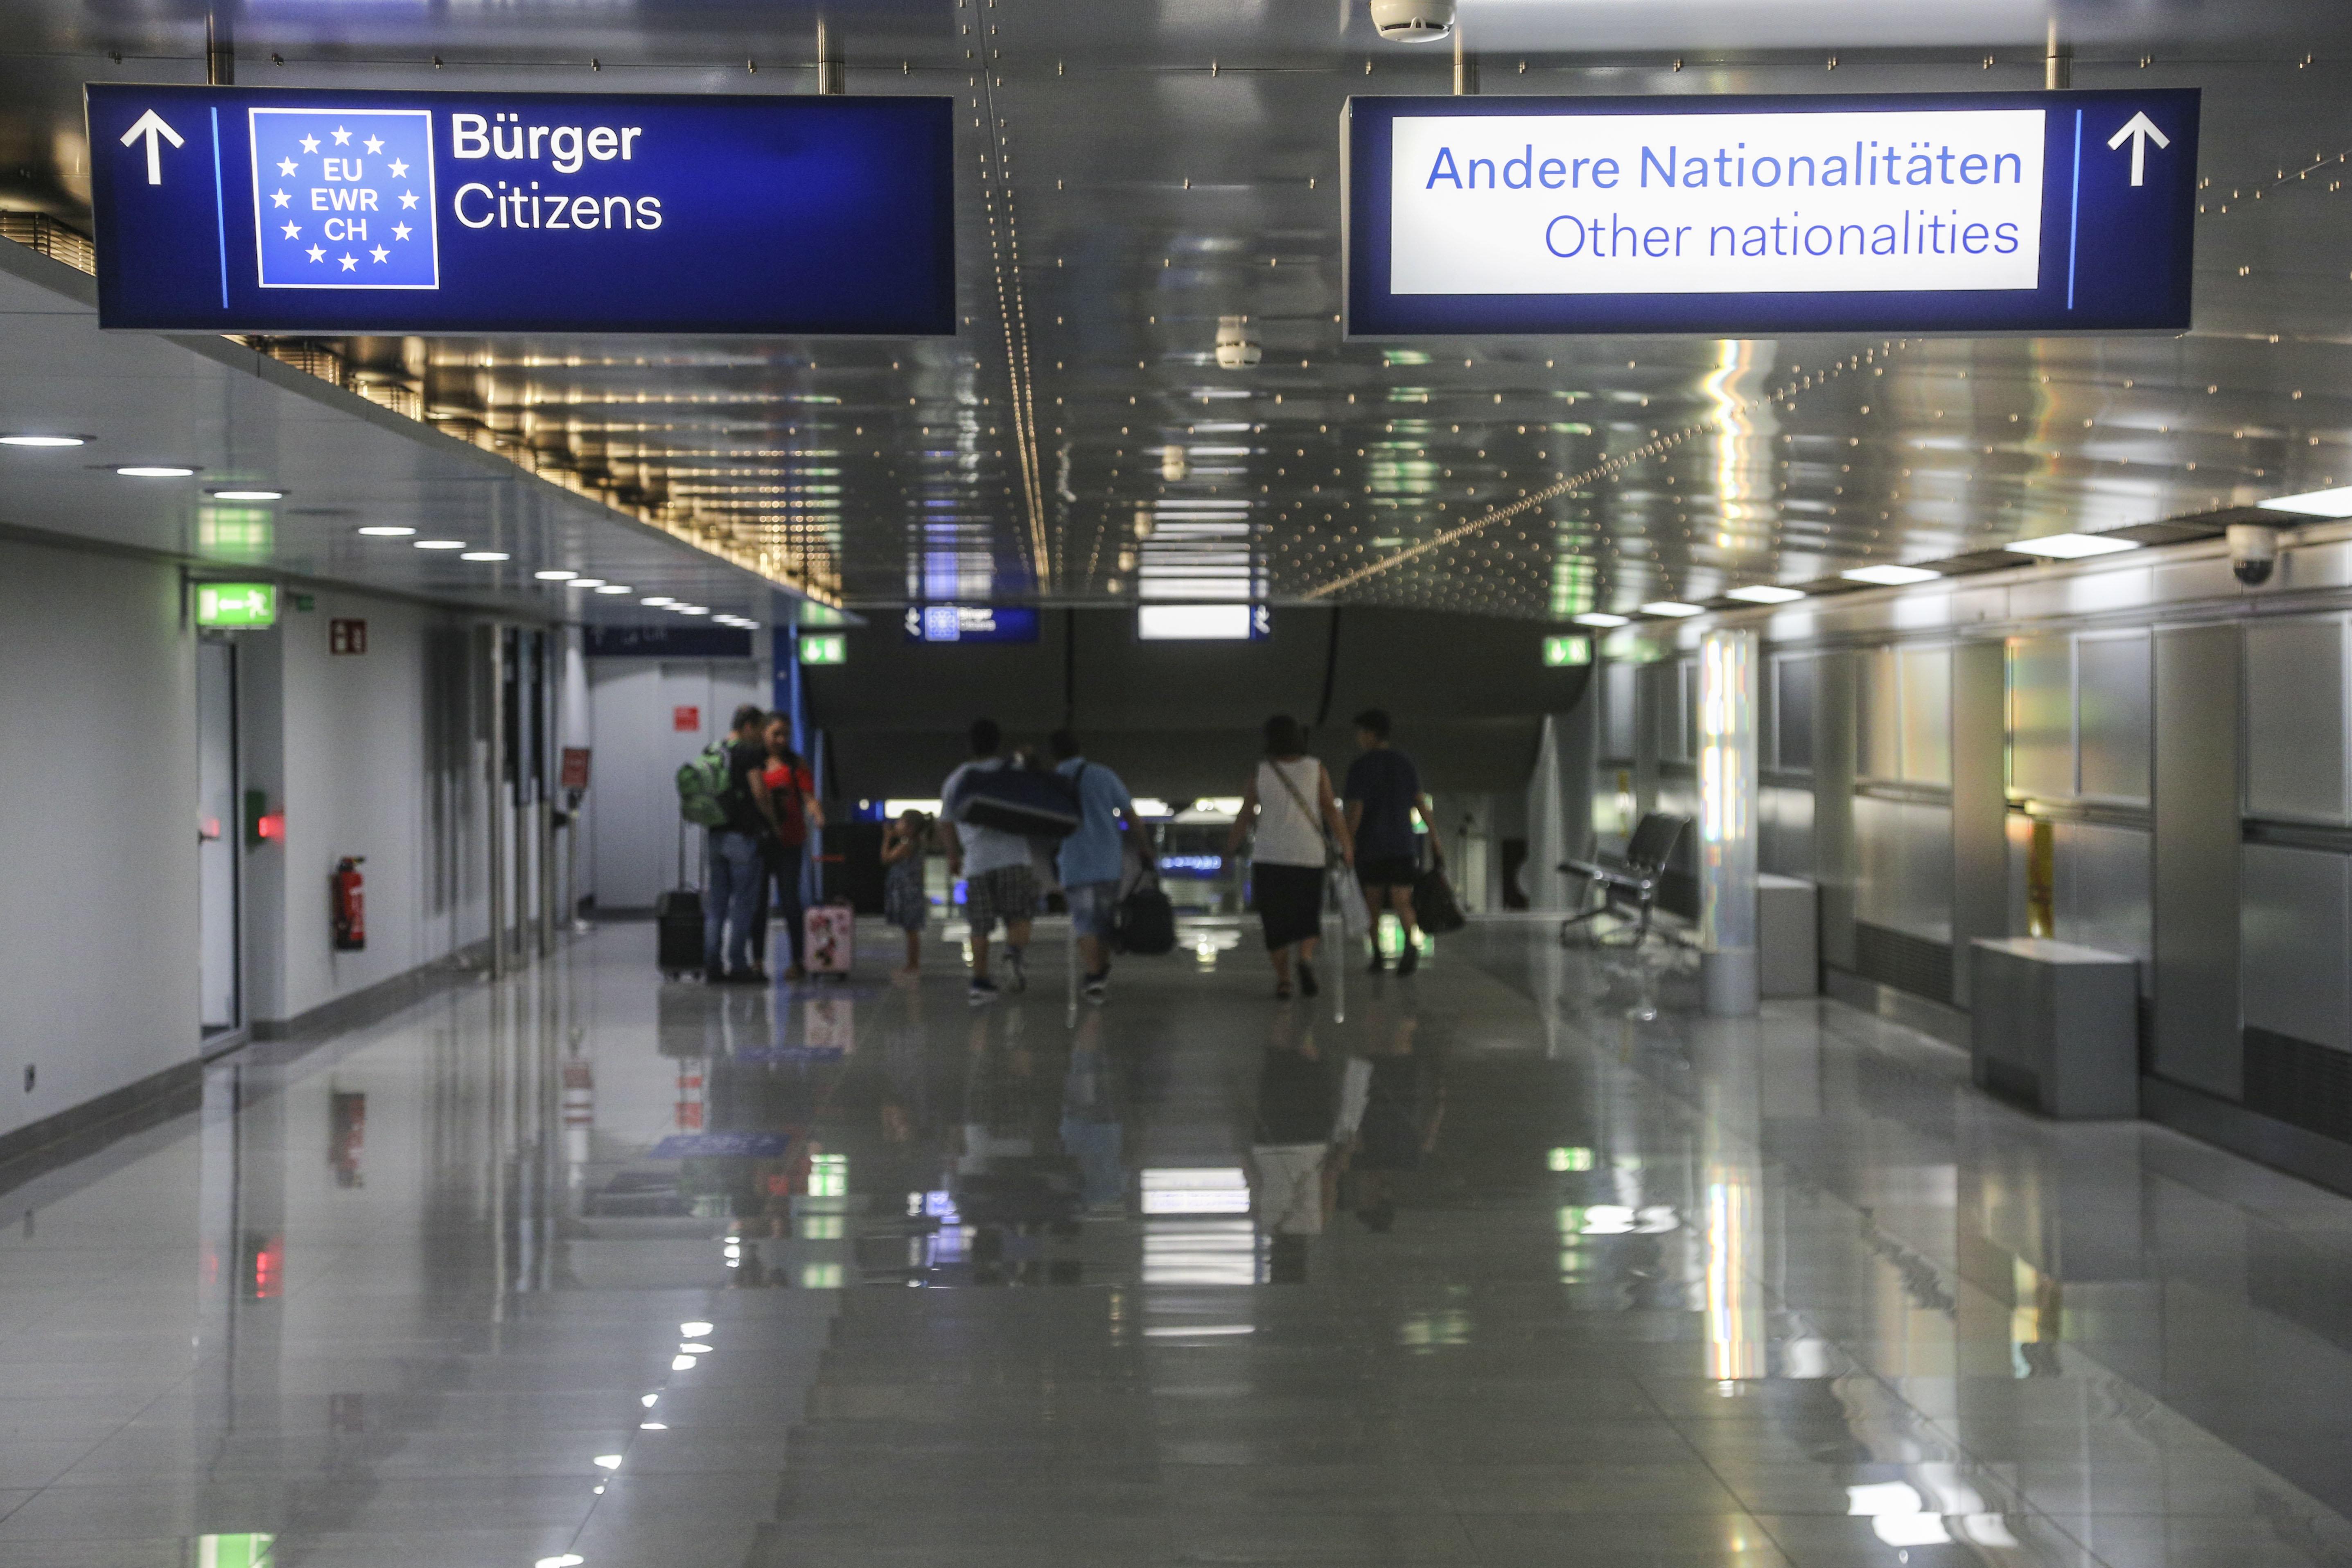 Faute de visa Schengen, des députés marocains bloqués à l'aéroport de